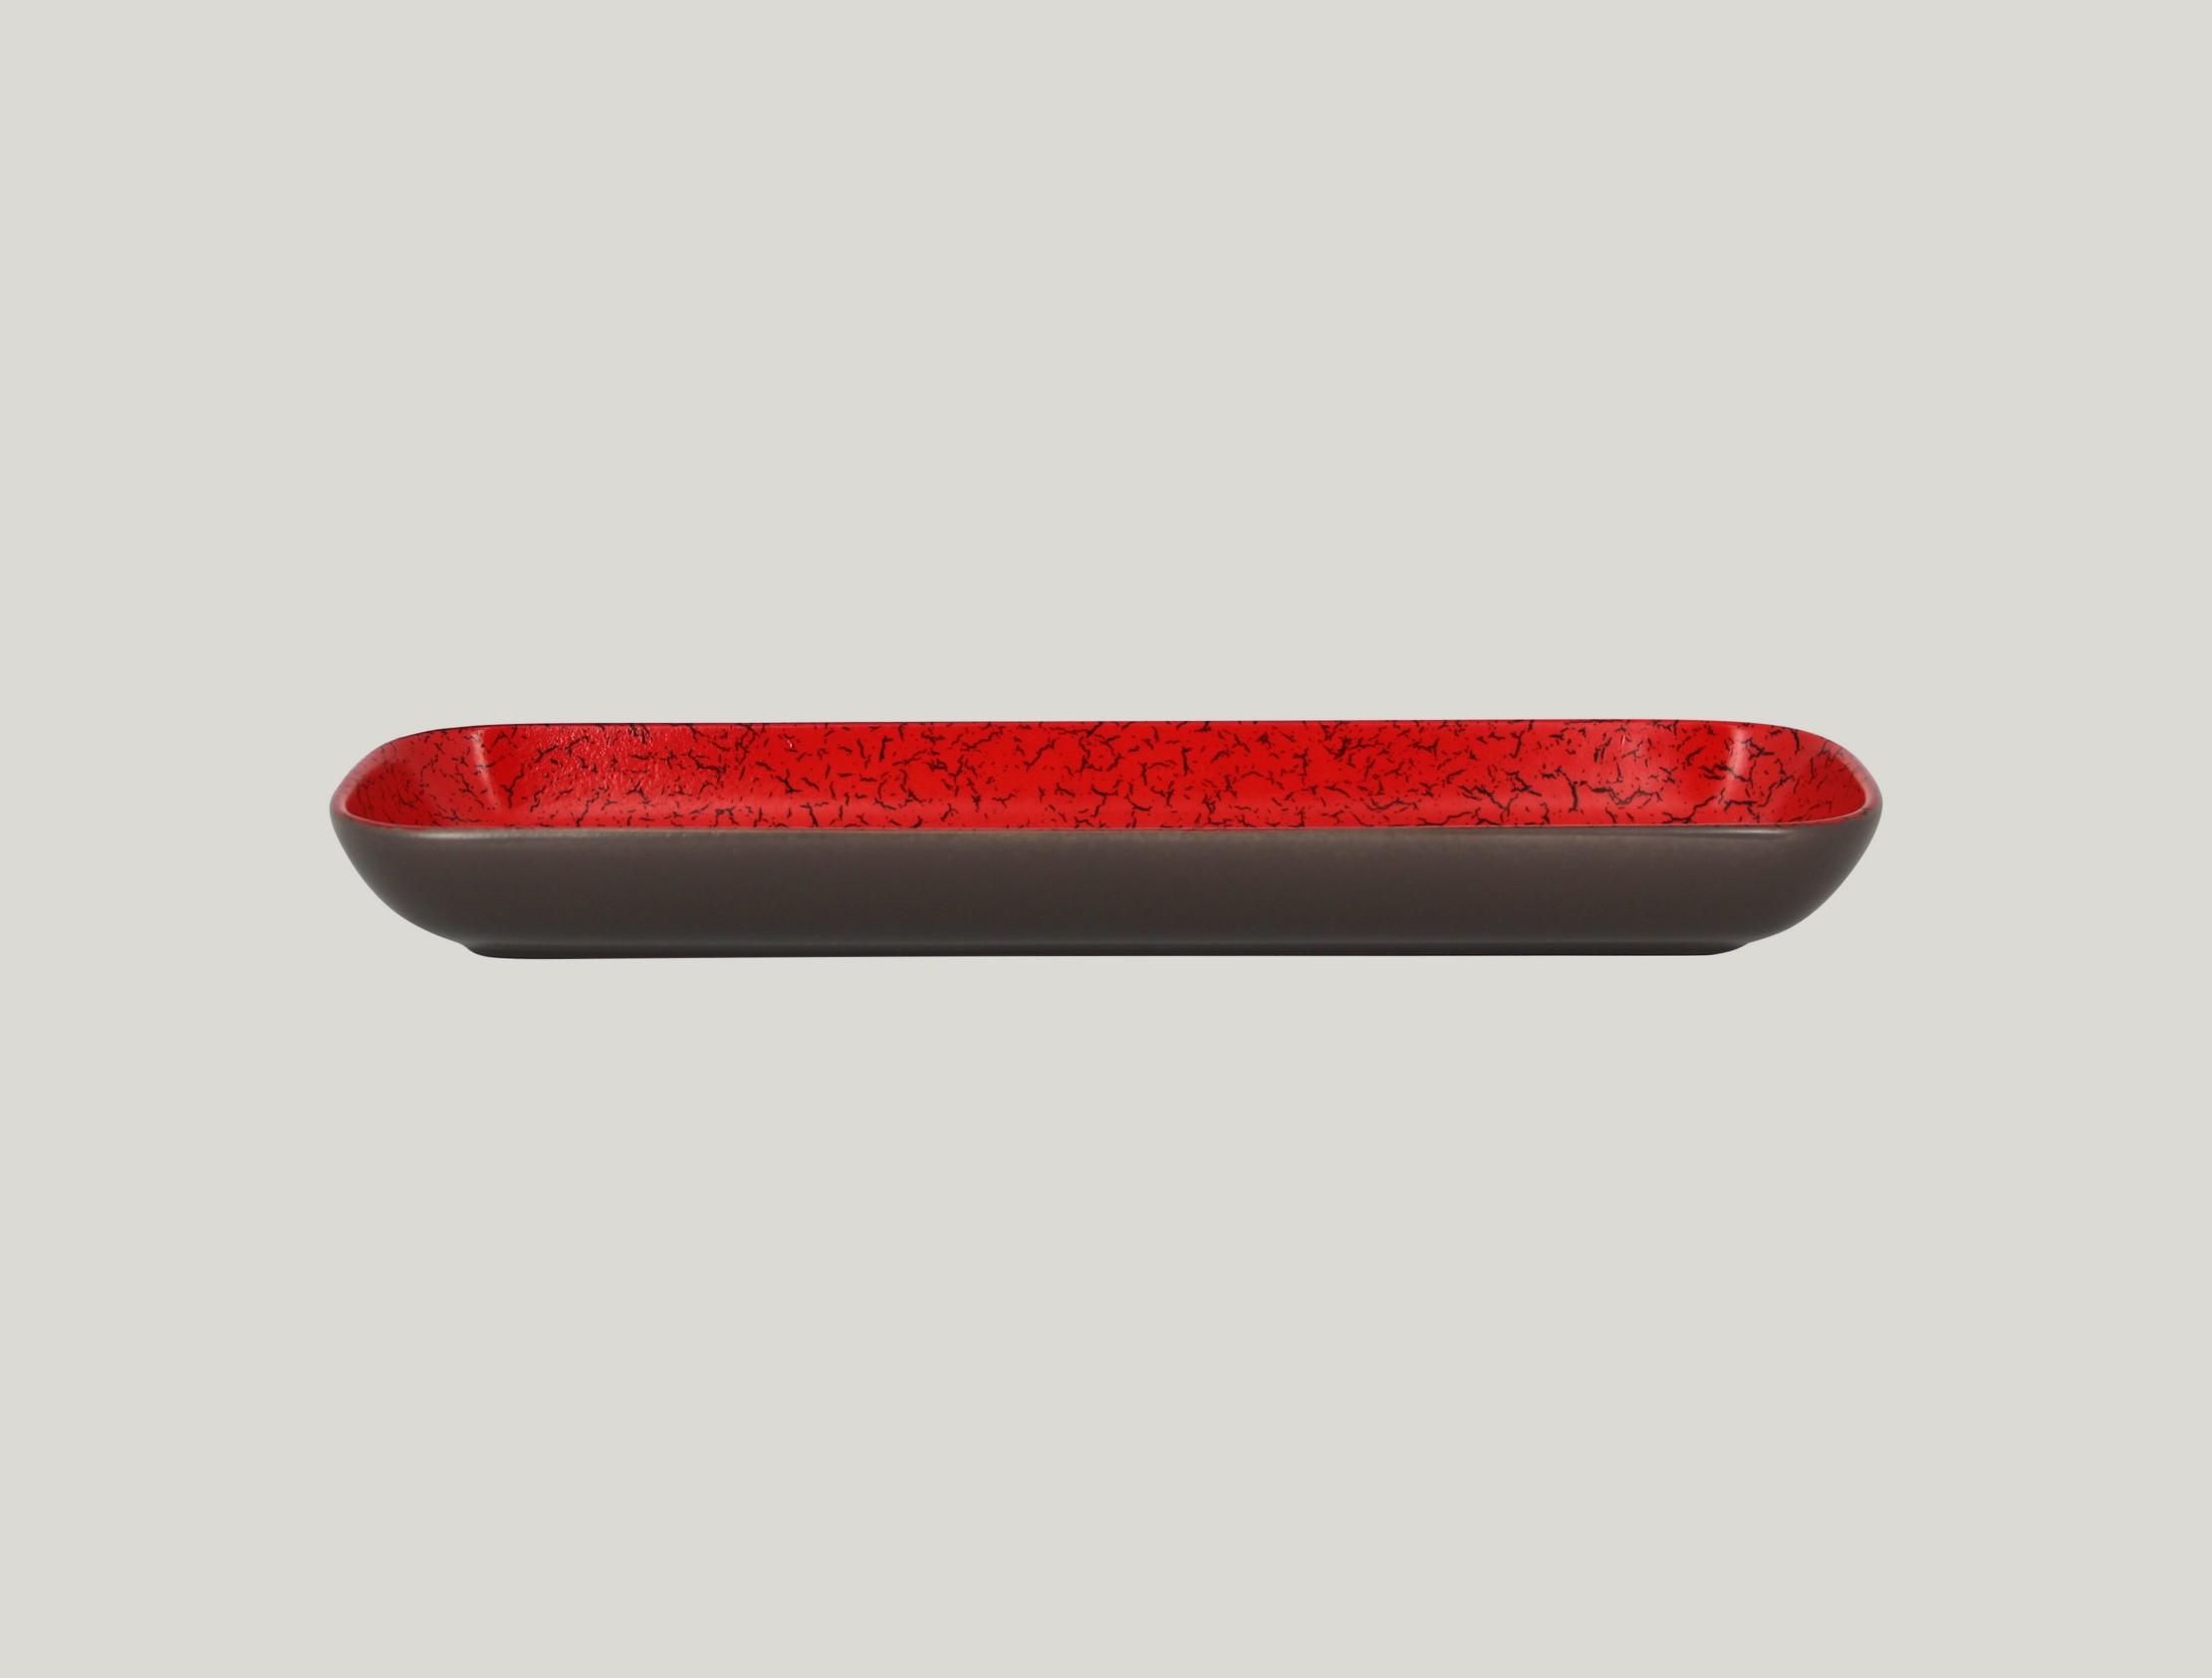 Miska obdélníková 33 x 11 cm - červená